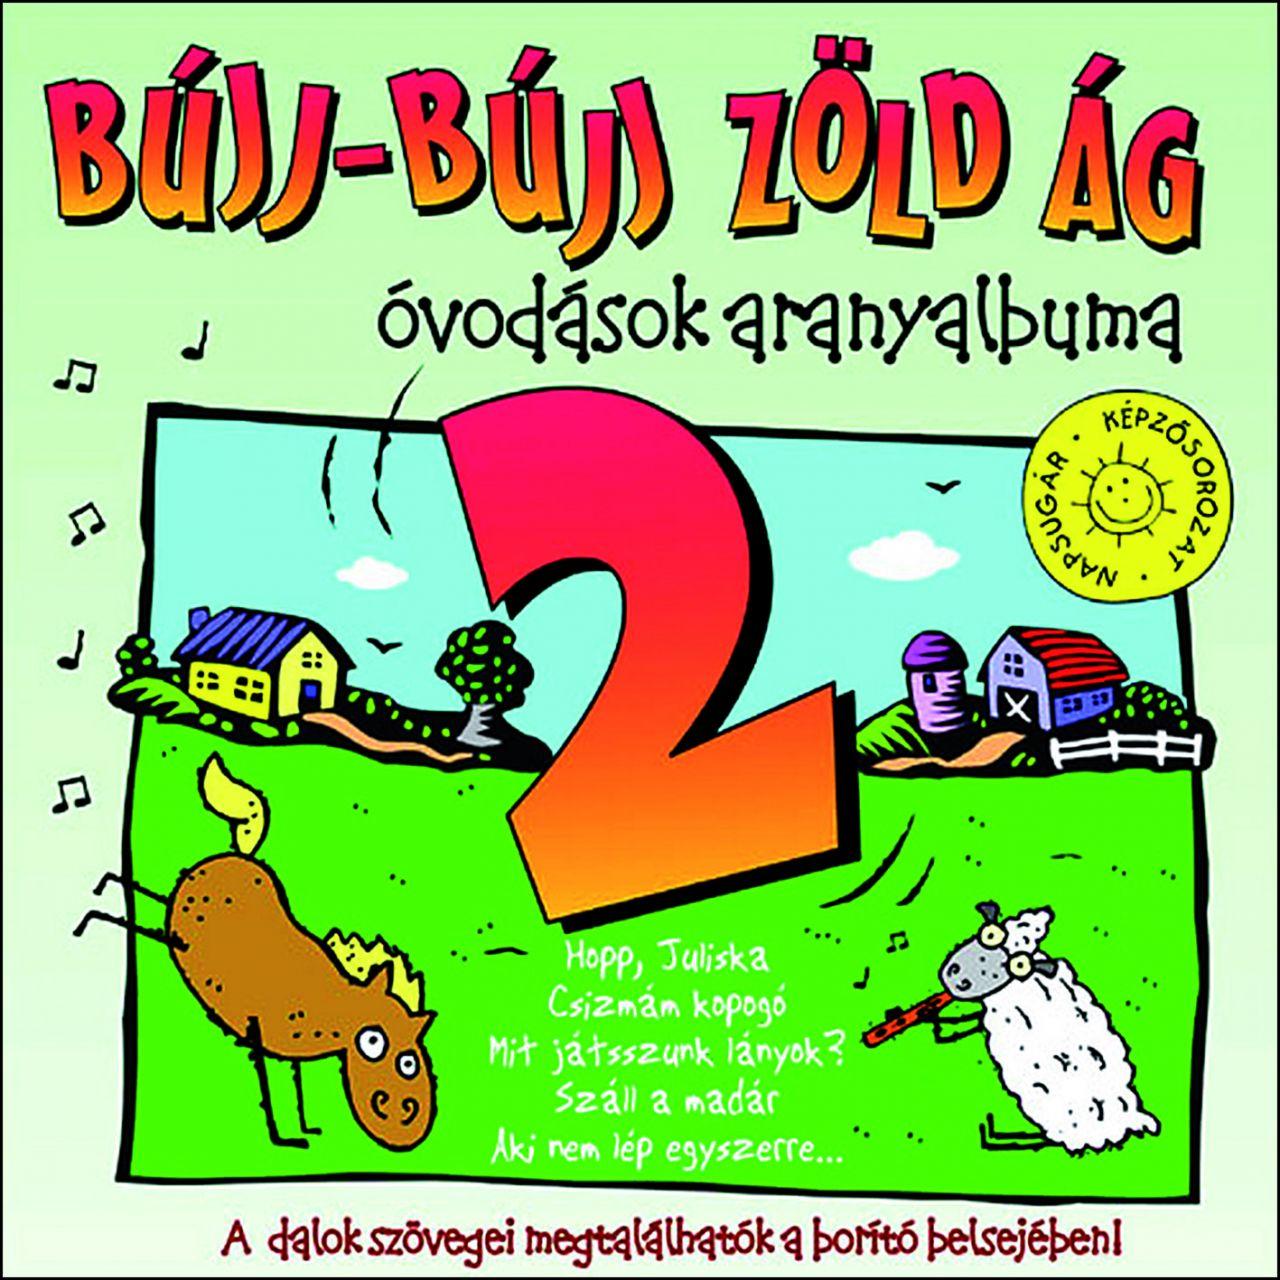 Bújj-bújj zöldág 2. – Óvodások aranyalbuma (CD)